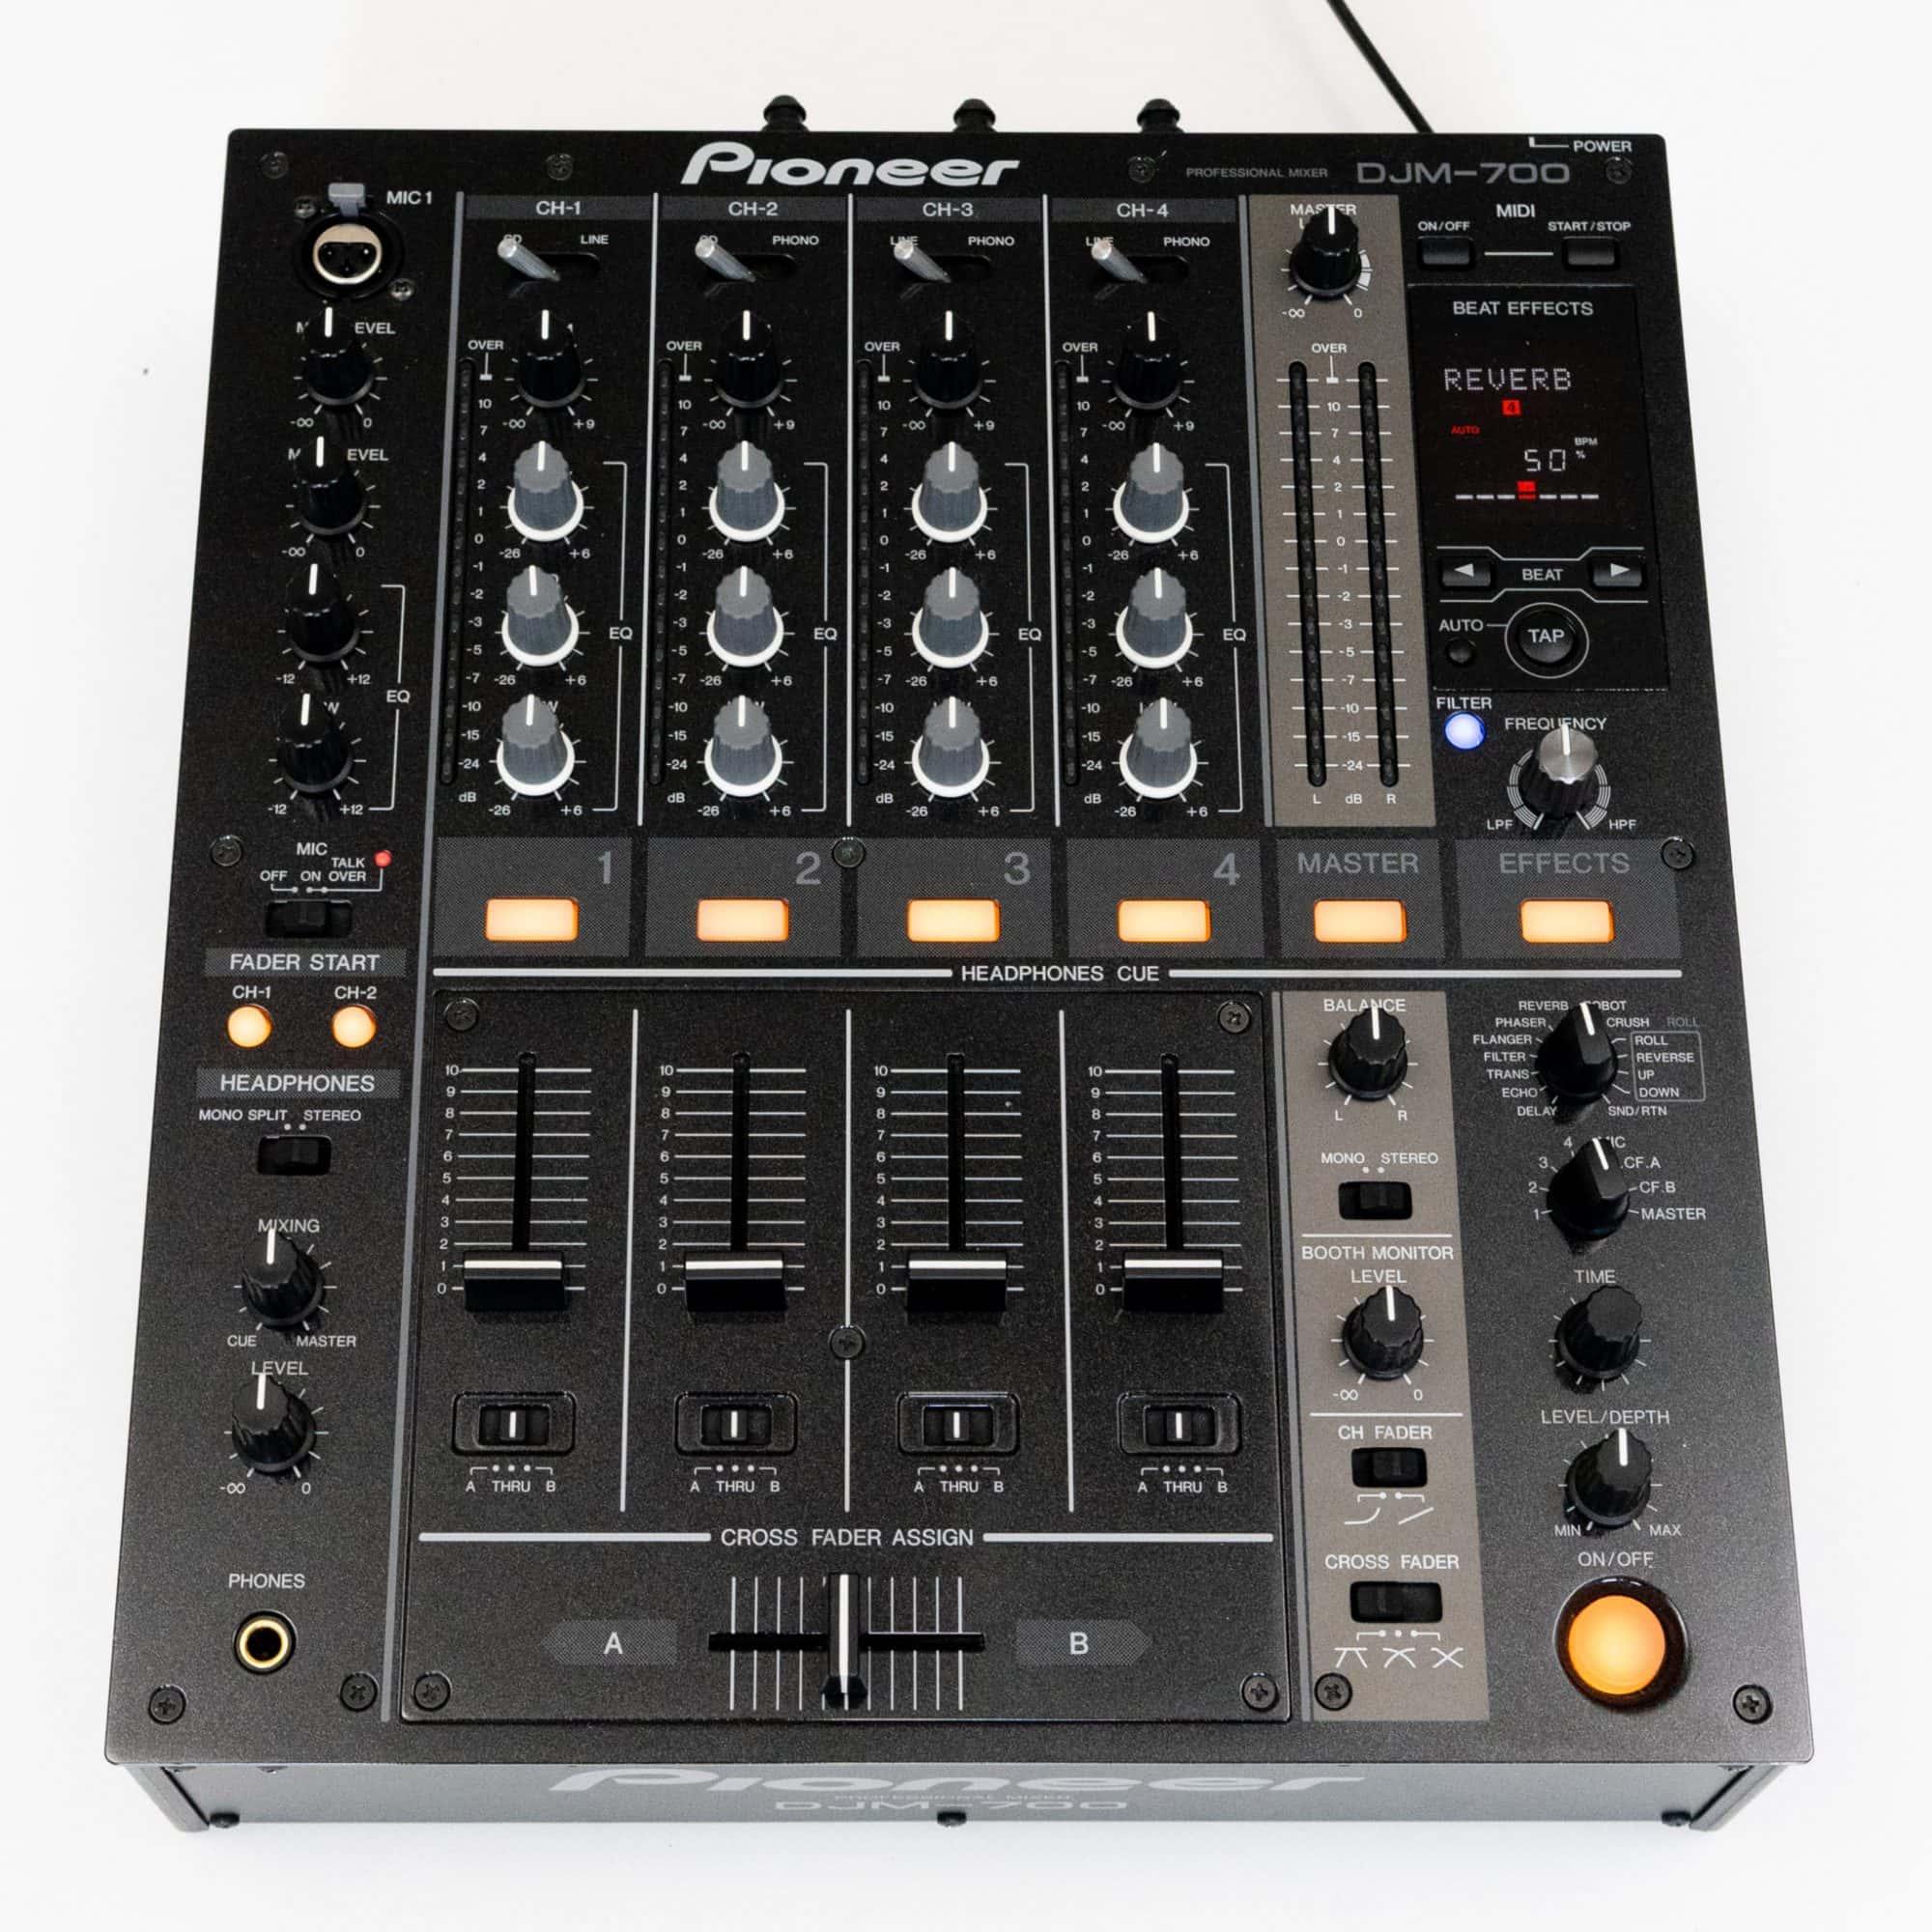 gebraucht kaufen Pioneer DJM 700 K